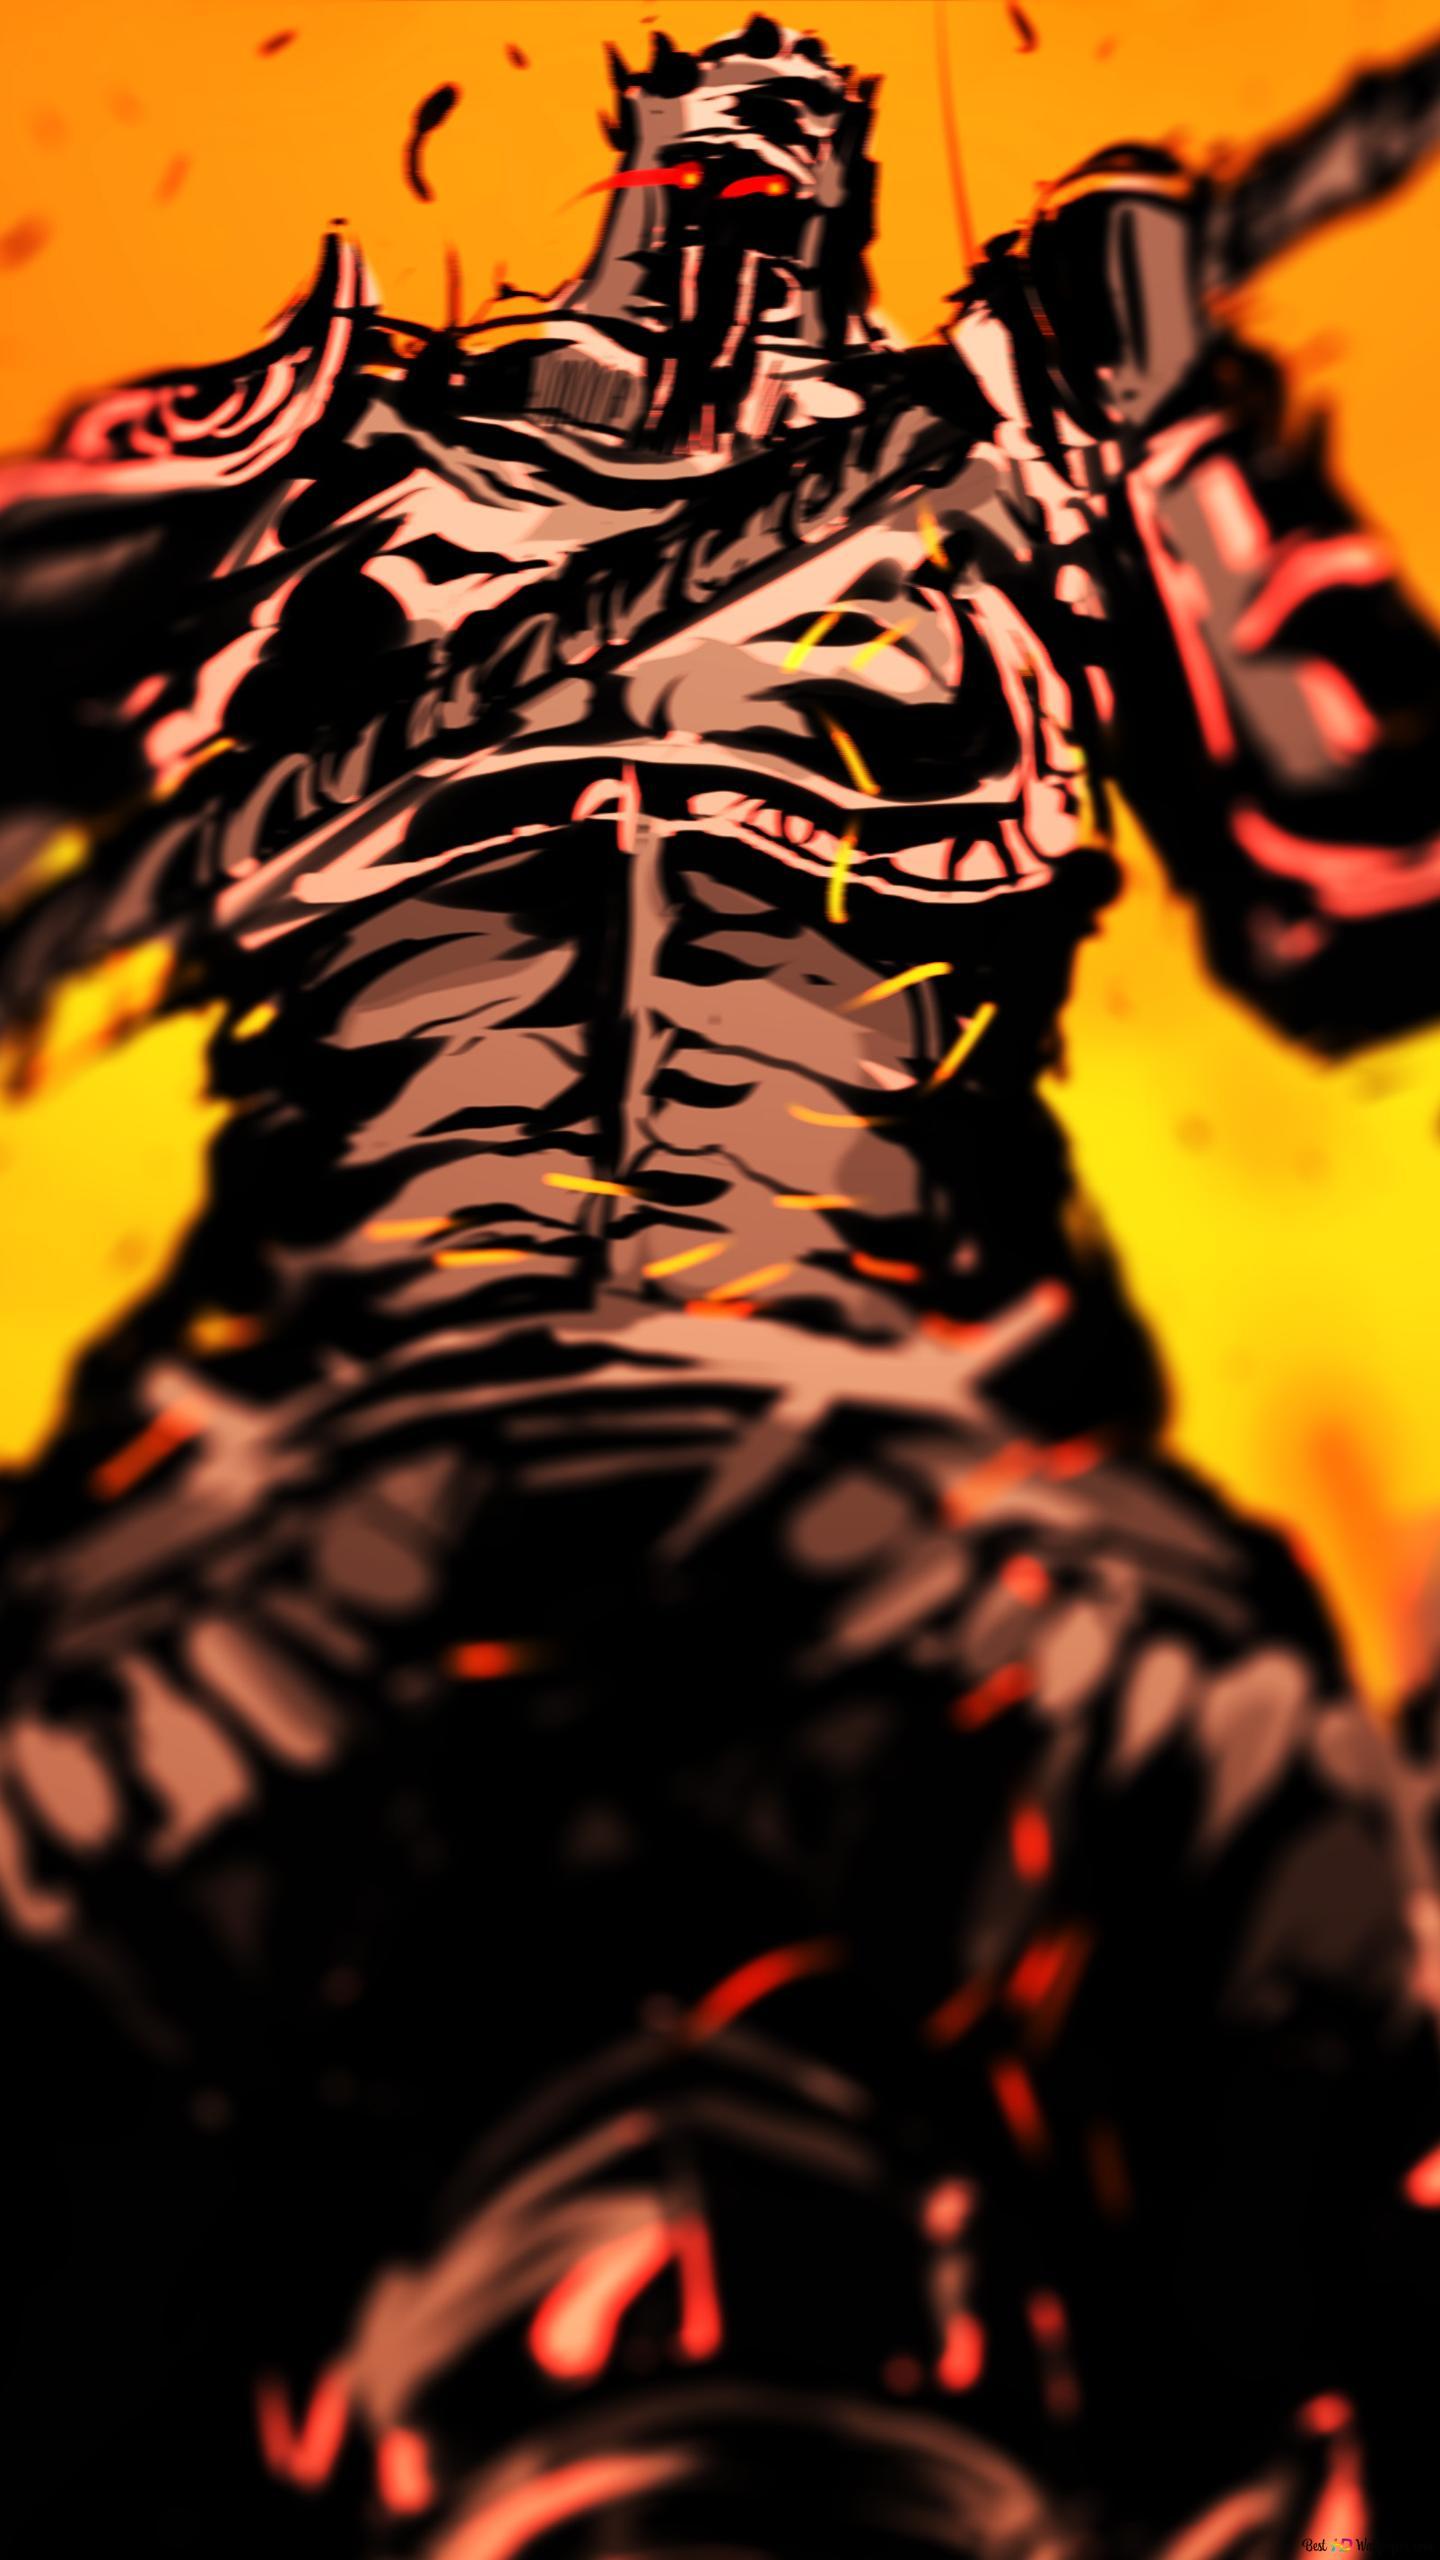 Dark Souls 3 Video Game Hd Wallpaper Download